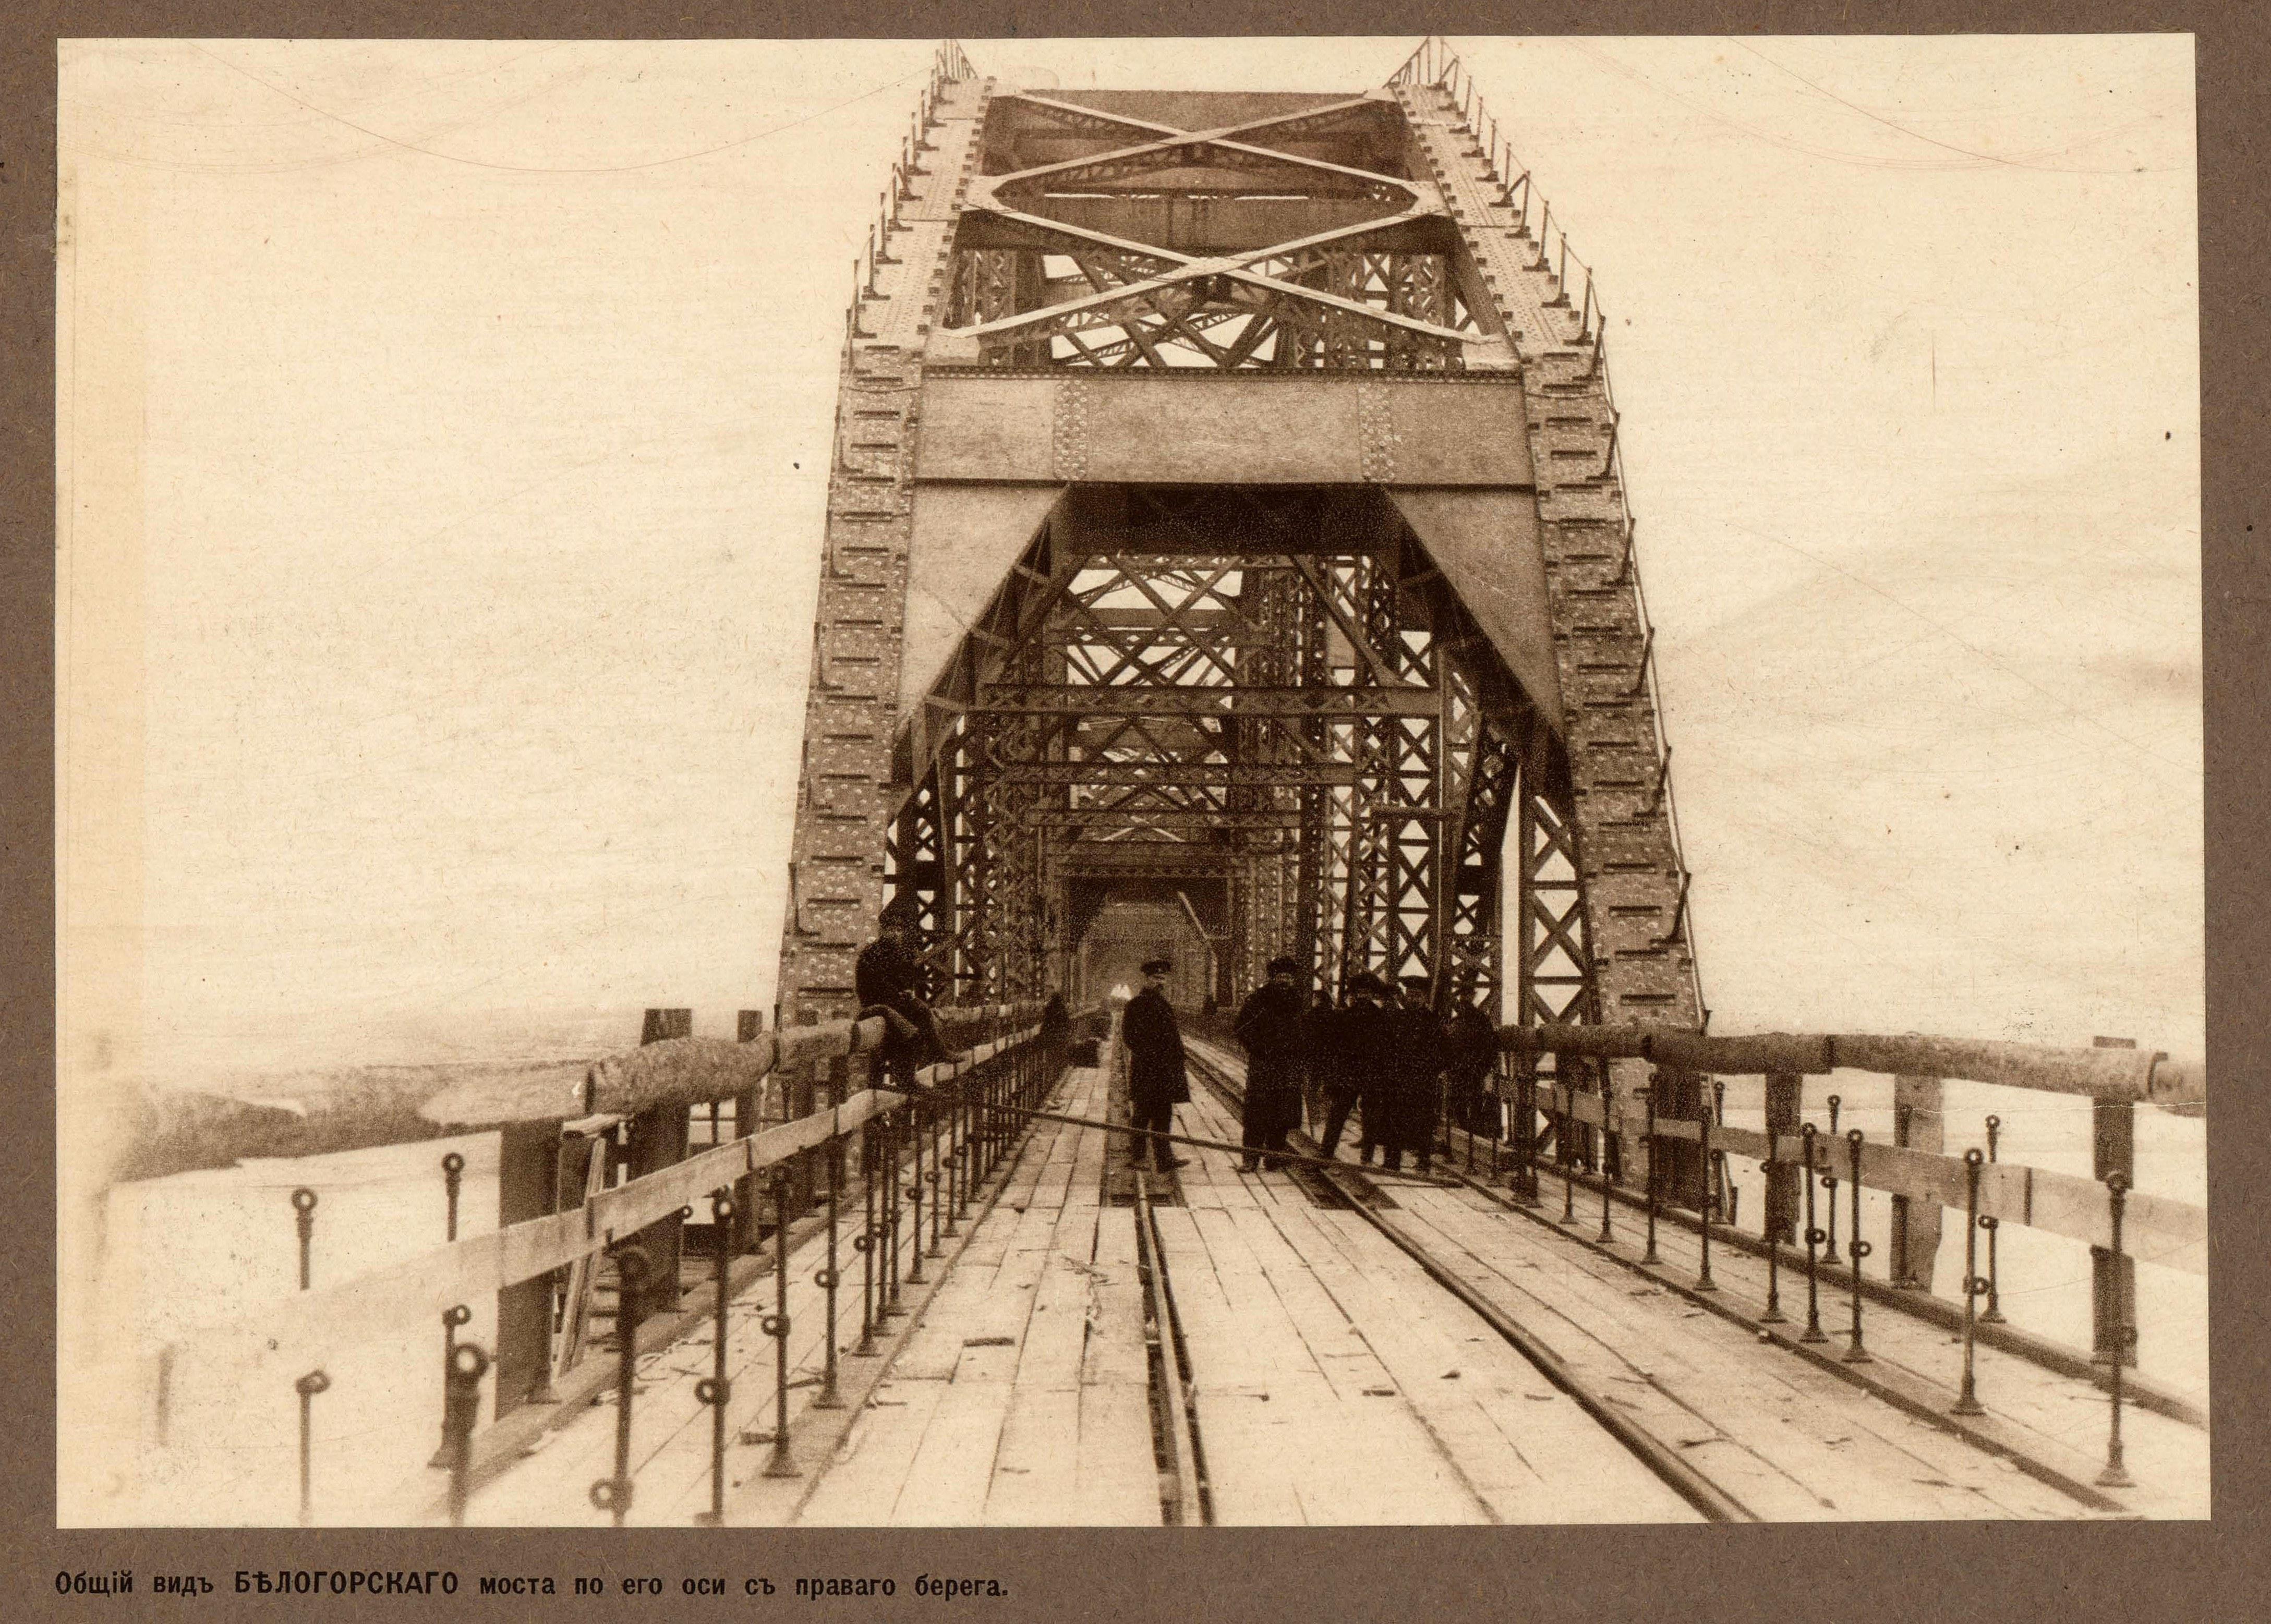 28. Общий вид моста по его оси с правого берега